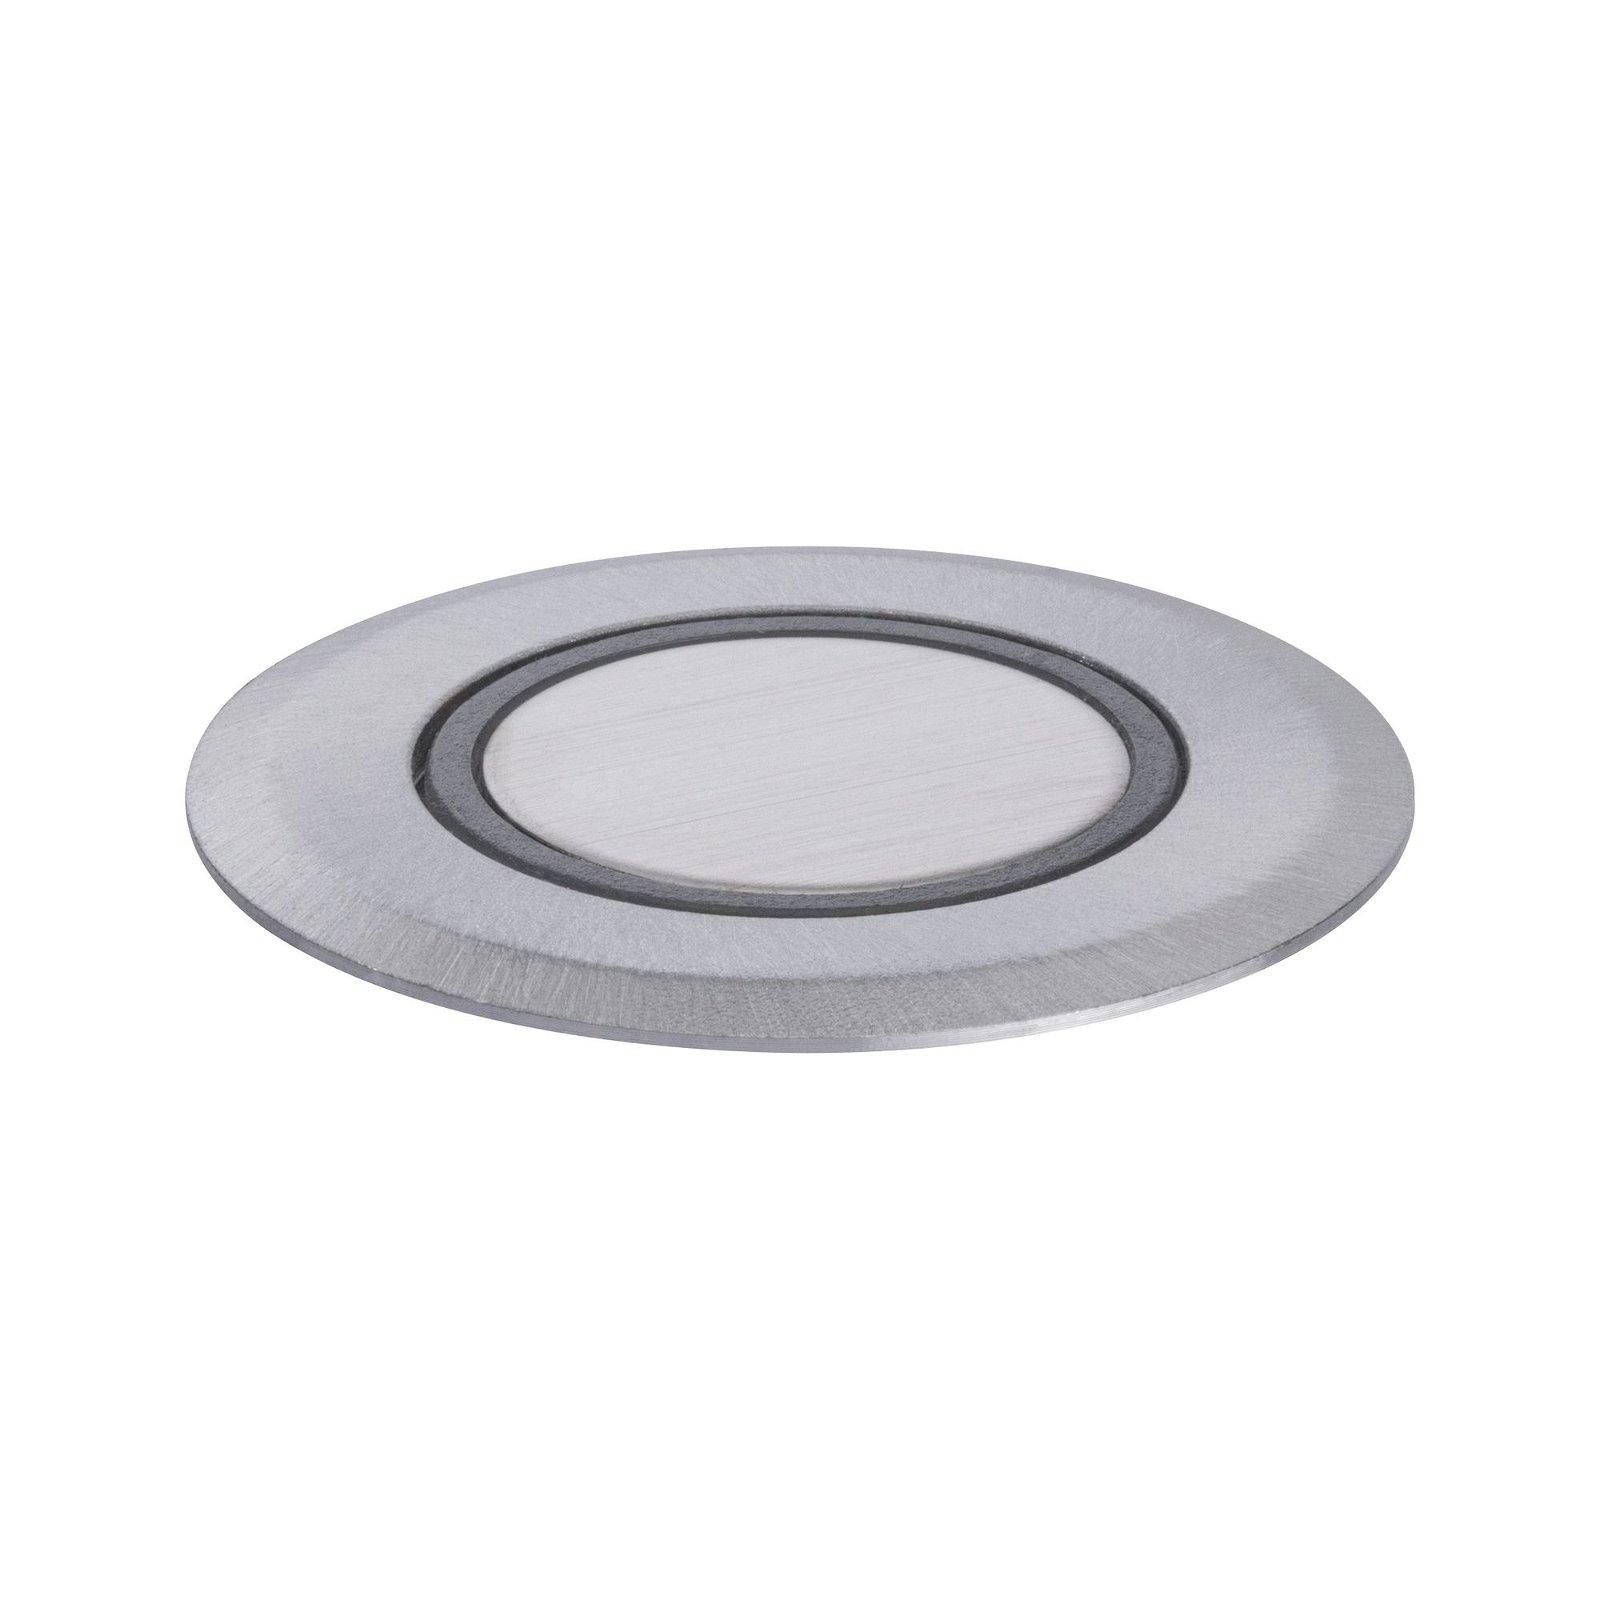 House LED Bodeneinbauleuchte IP65 rund 50mm 3000K 2W 210lm 230V Edelstahl gebürstet Edelstahl/Kunststoff